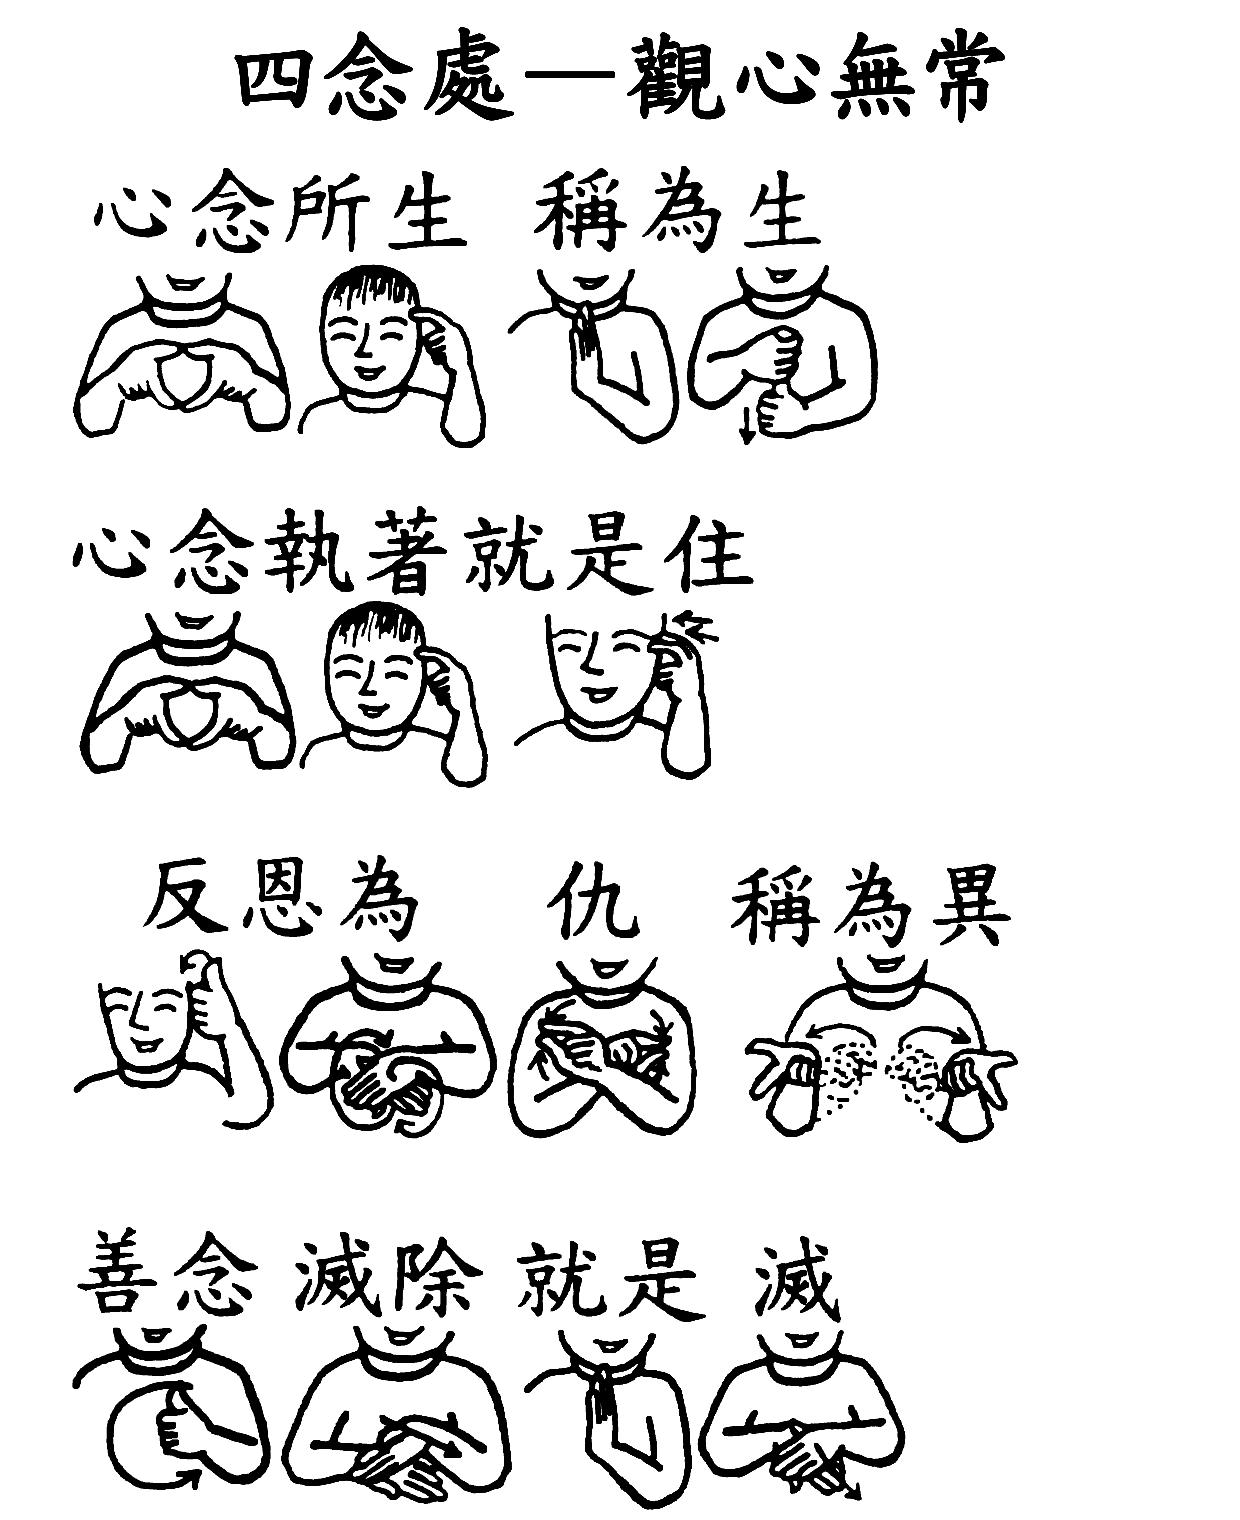 03 手語印記提示圖 四念處 觀心無常_頁面_1.png